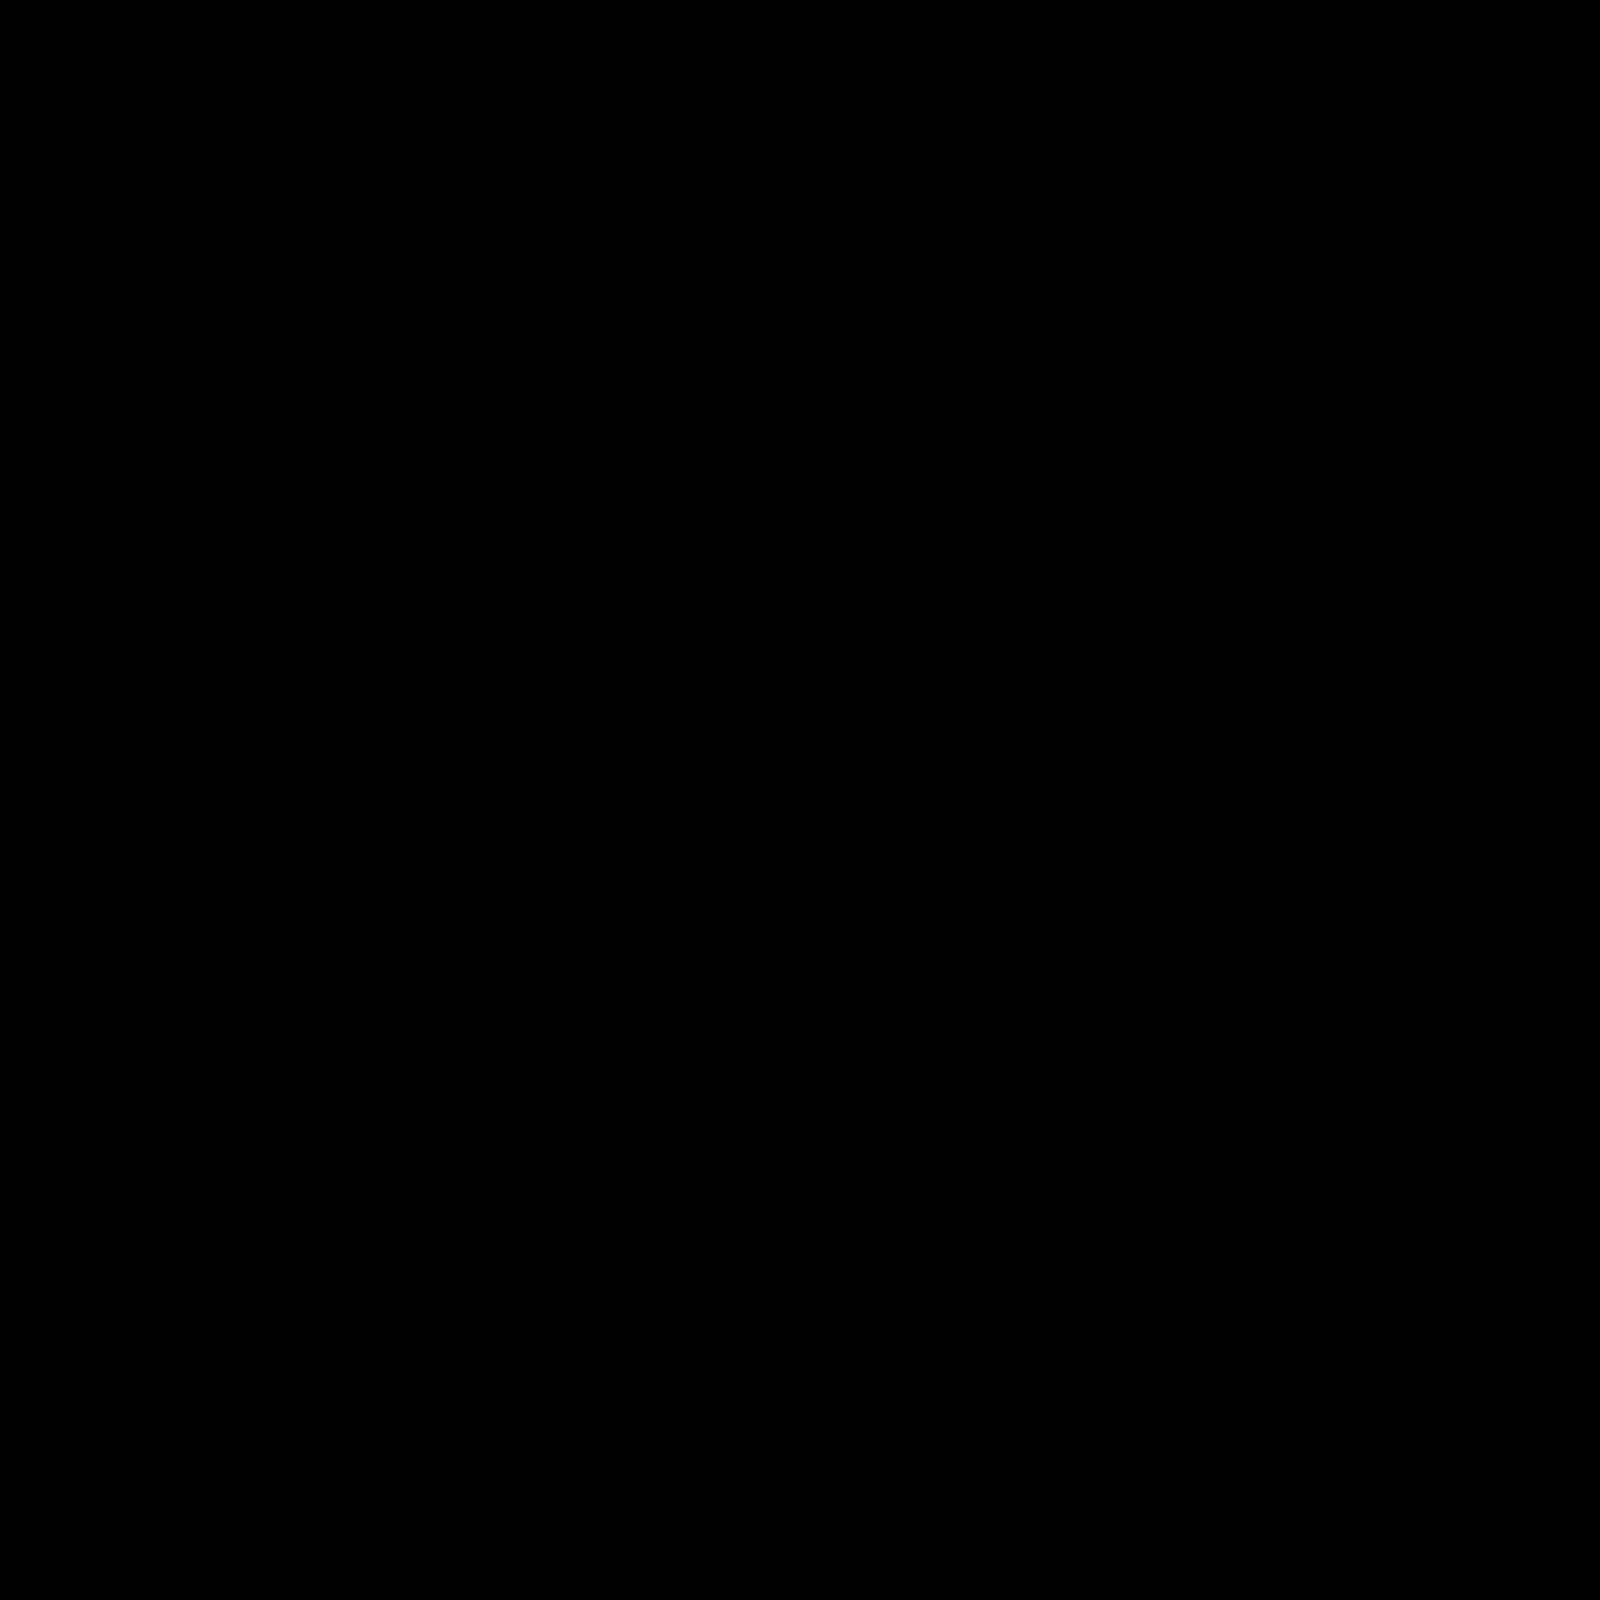 クラシックミュージック icon. It is an aerial view looking down onto a piano. The row of keys are at the bottom, and the case is above it in a boot shape.